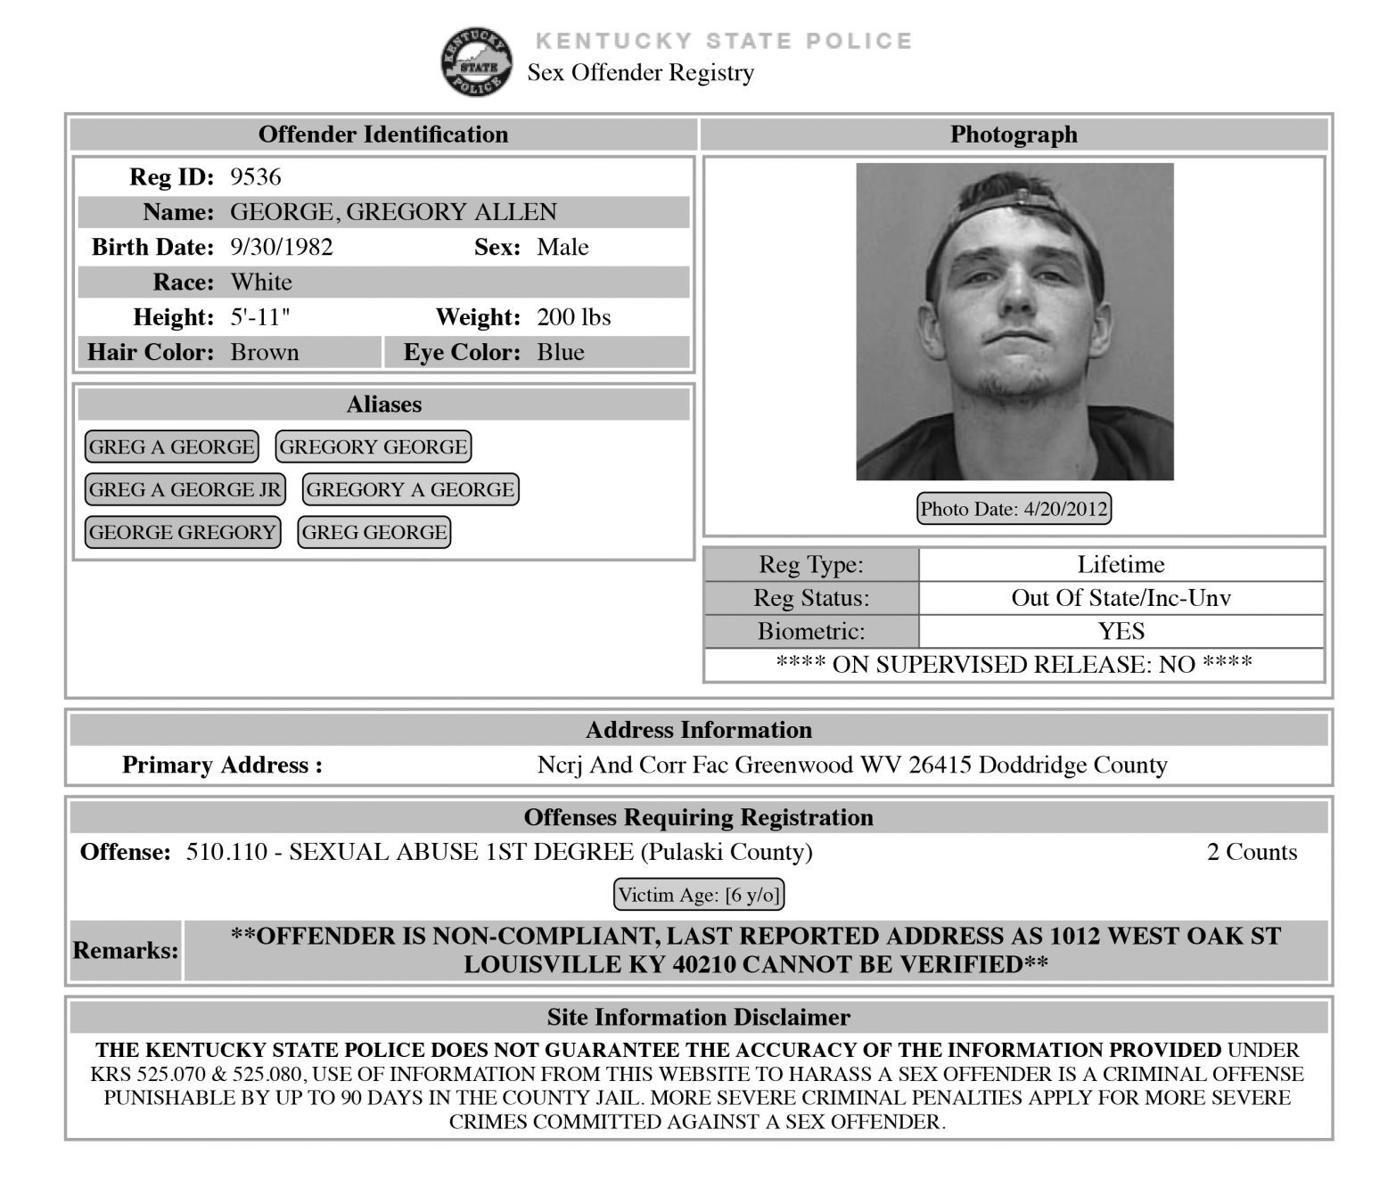 Kentucky state sex offender registry